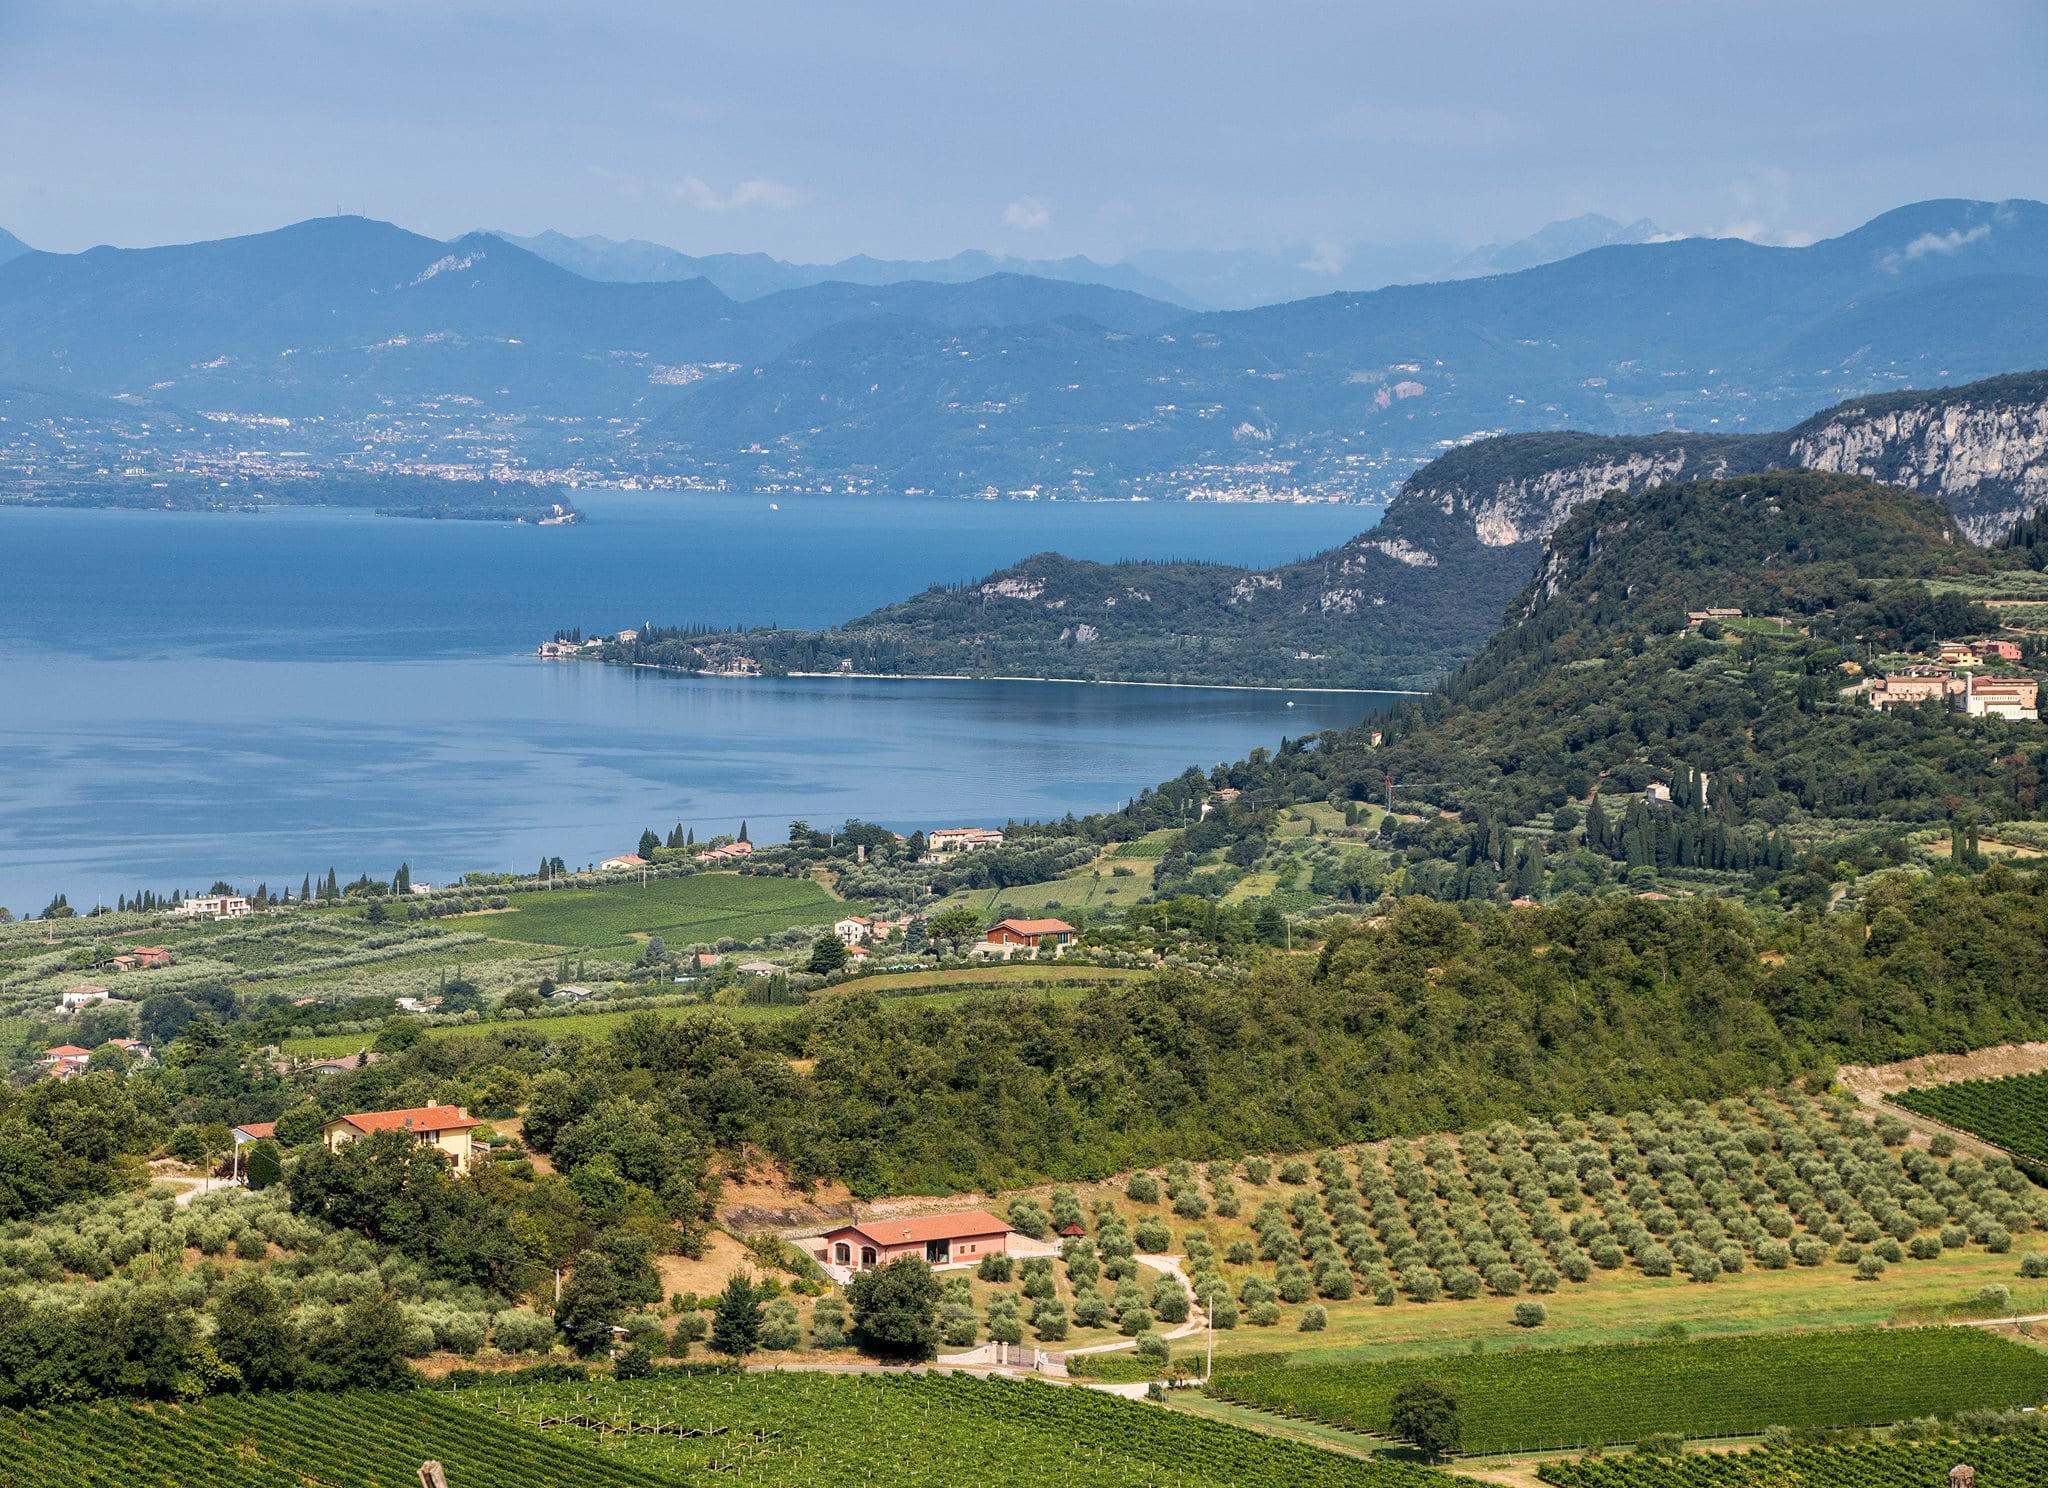 Vigne e campagna sul lago di Garda